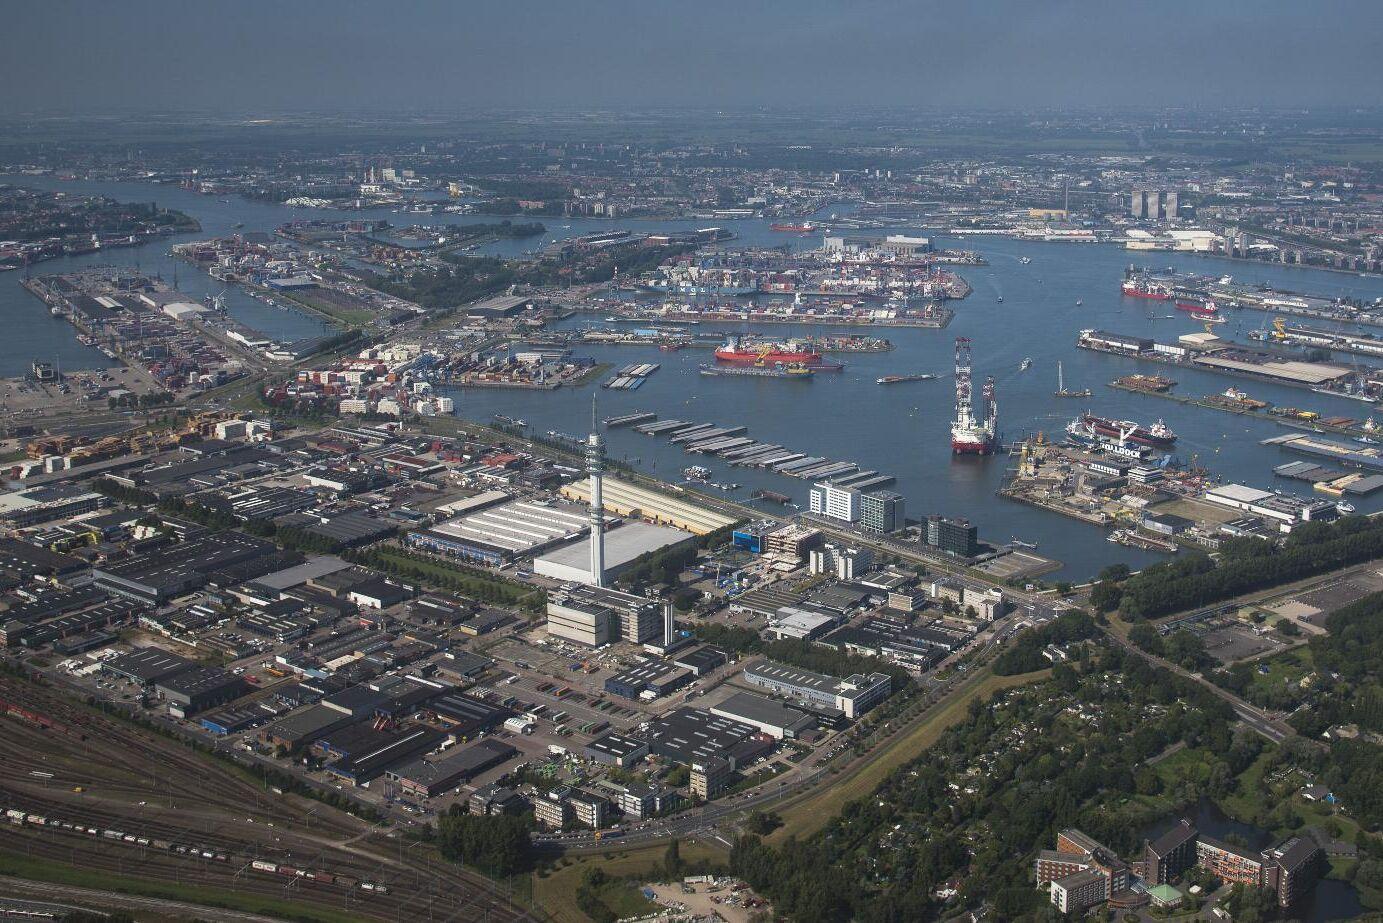 Rotterdams hamn är Europas största.